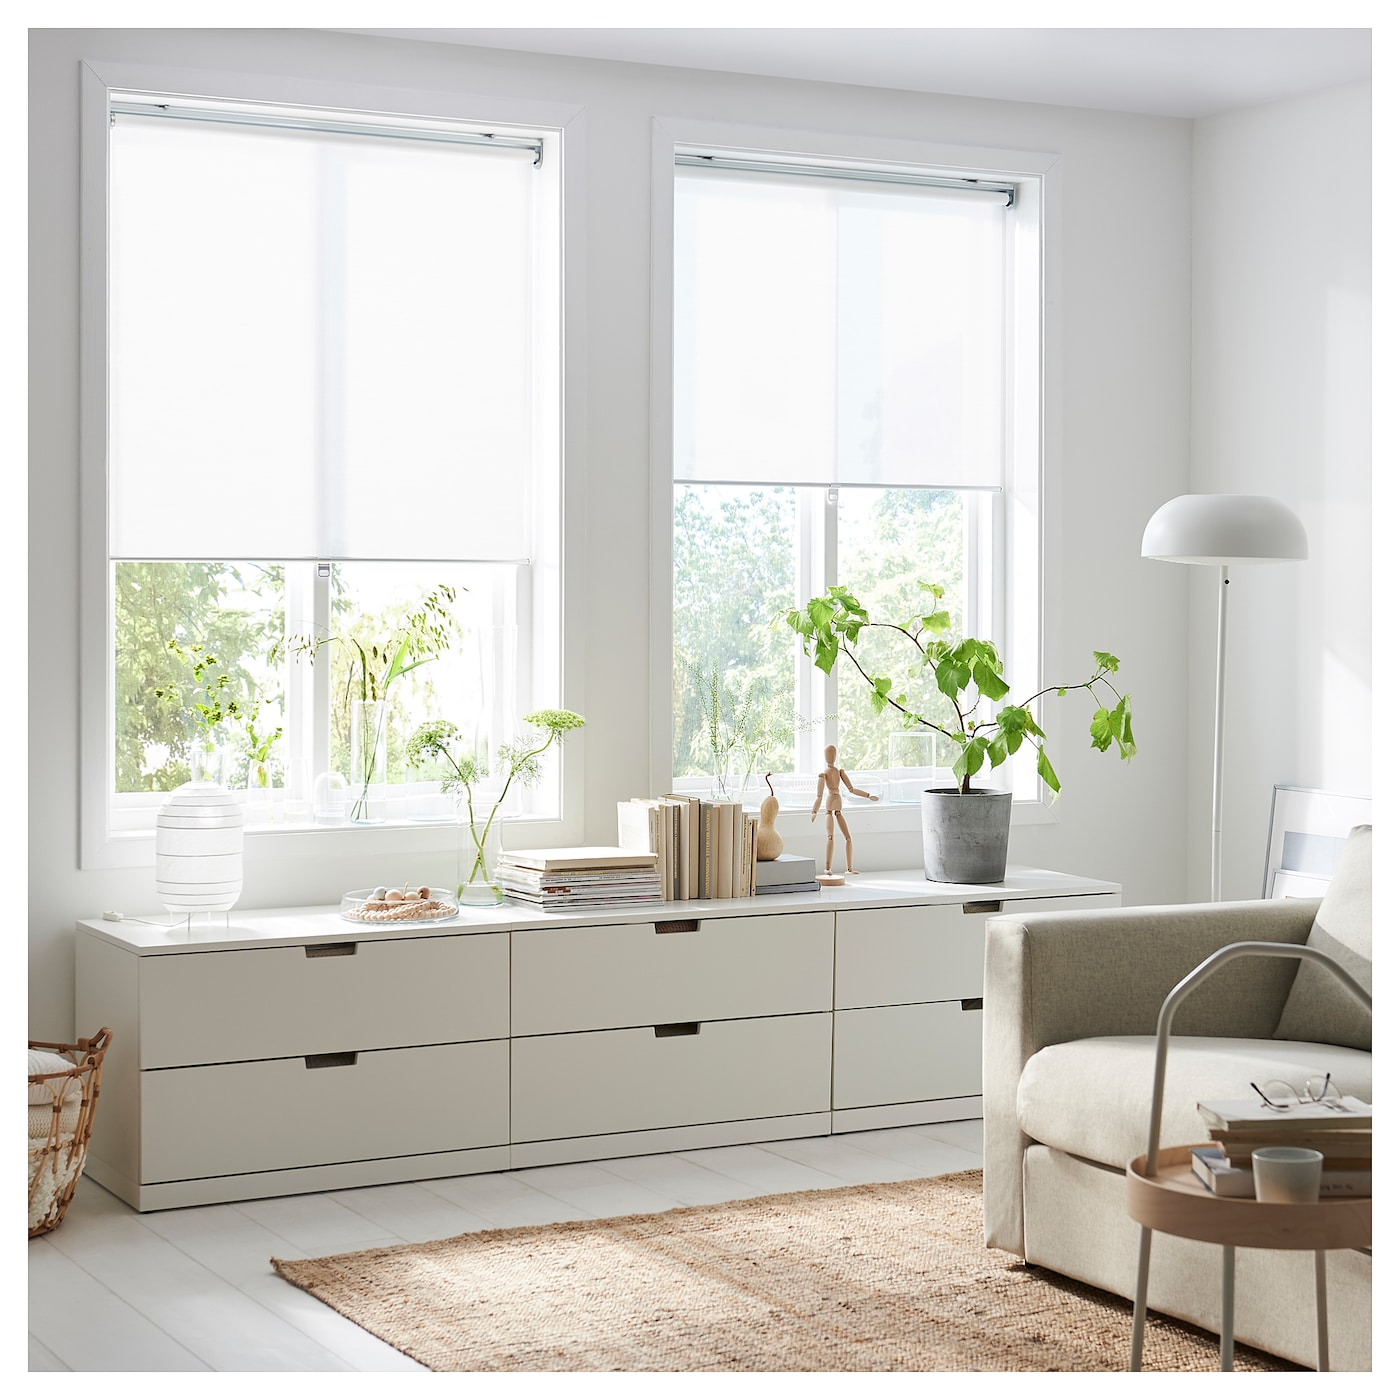 SKOGSKLÖVER Rollo, weiß, 140x195 cm